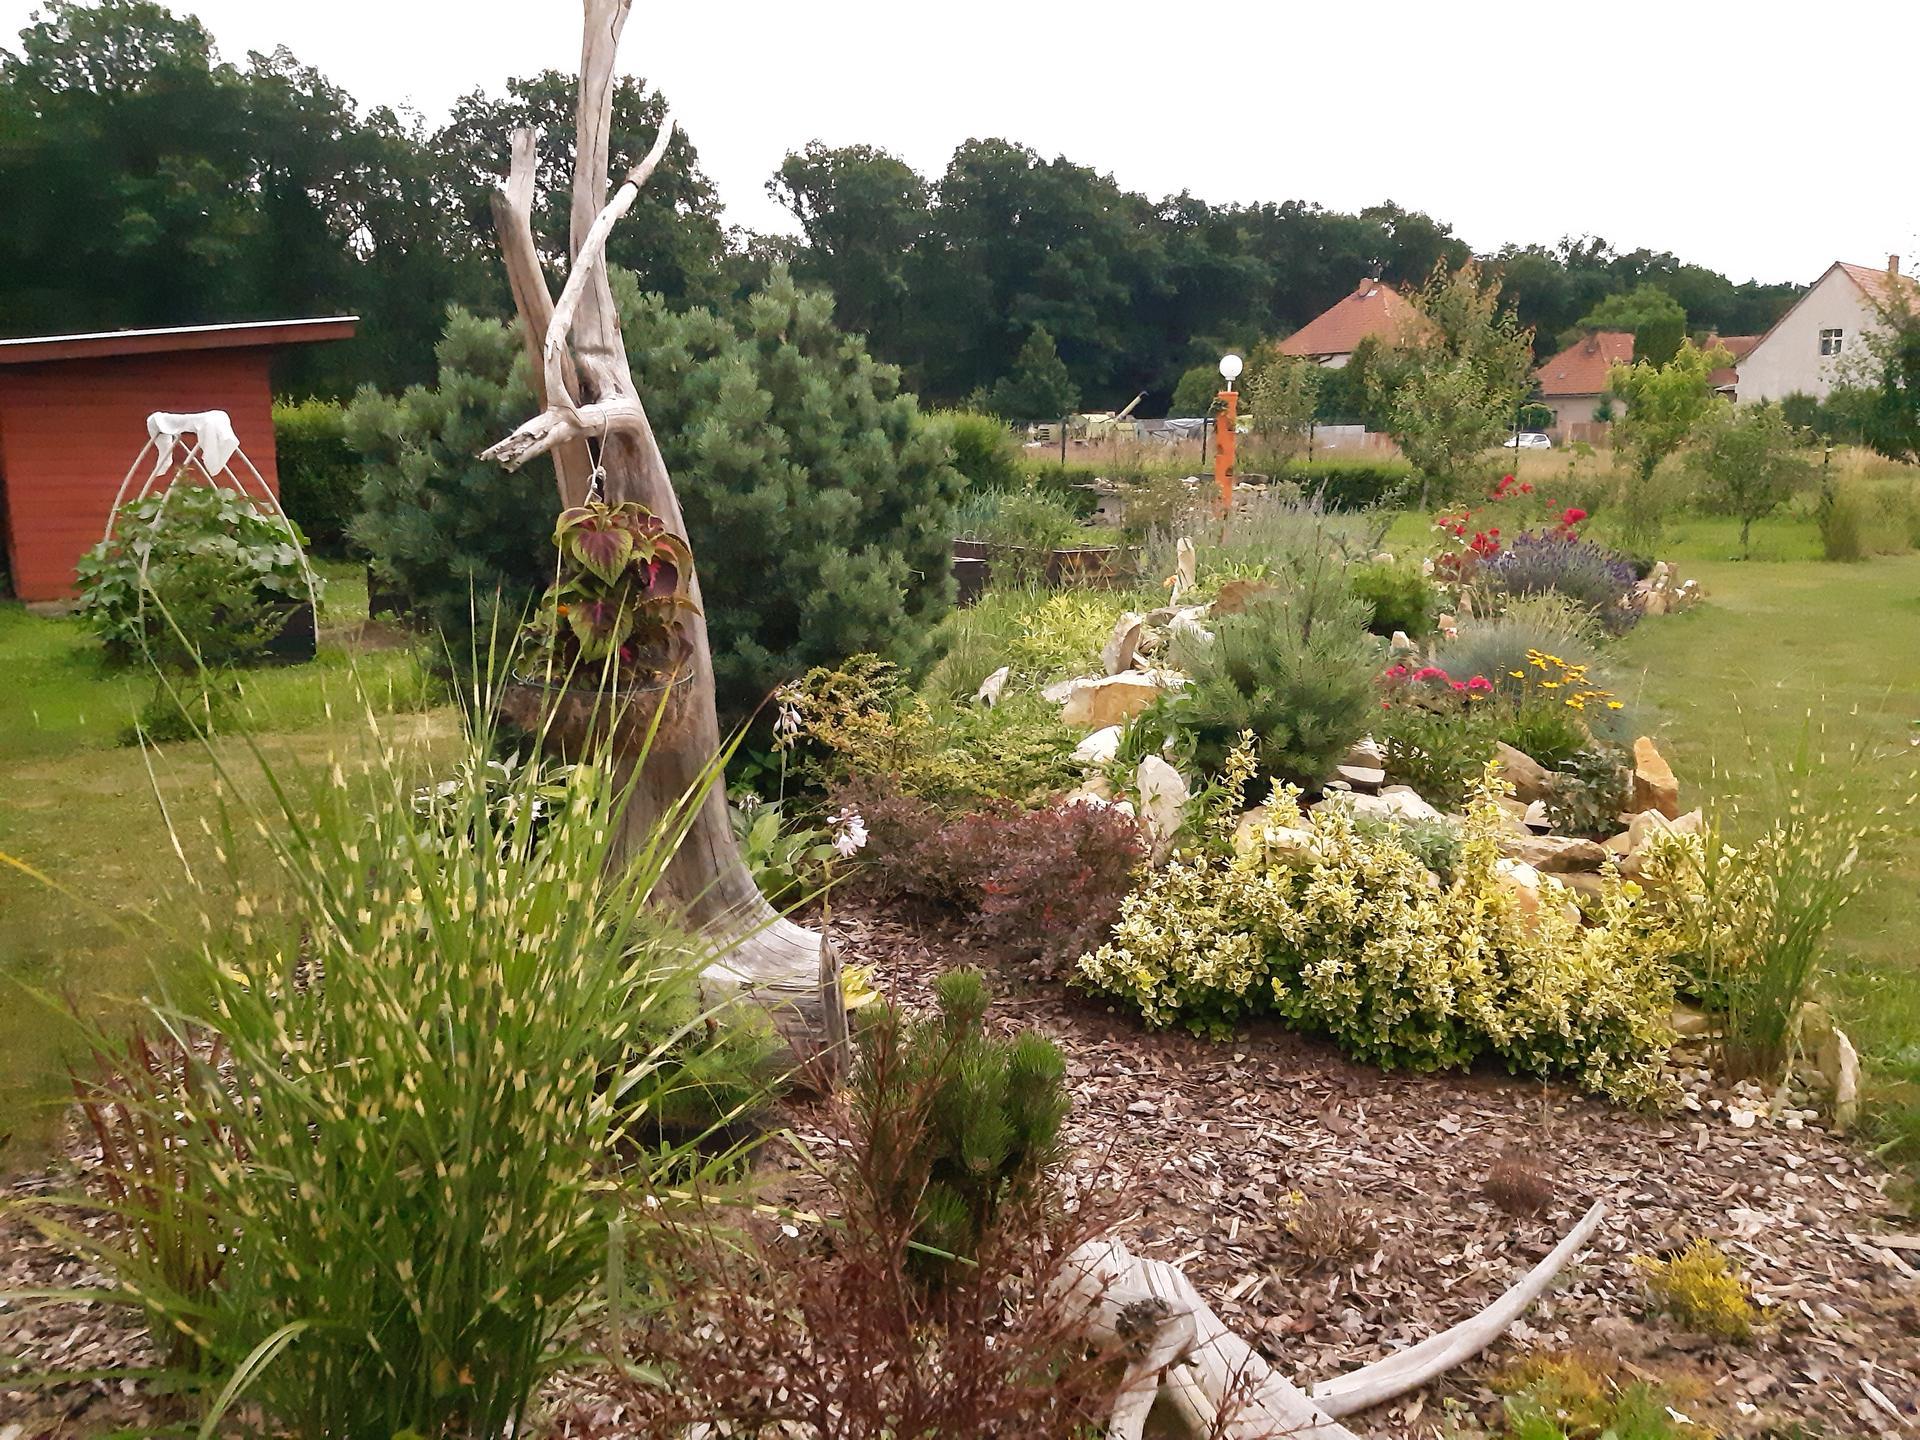 Zahrada 2021 - vřesoviště a skalka. Vřesy mi usychají, nemají žádnou péči a nedávají to. Co s nimi?